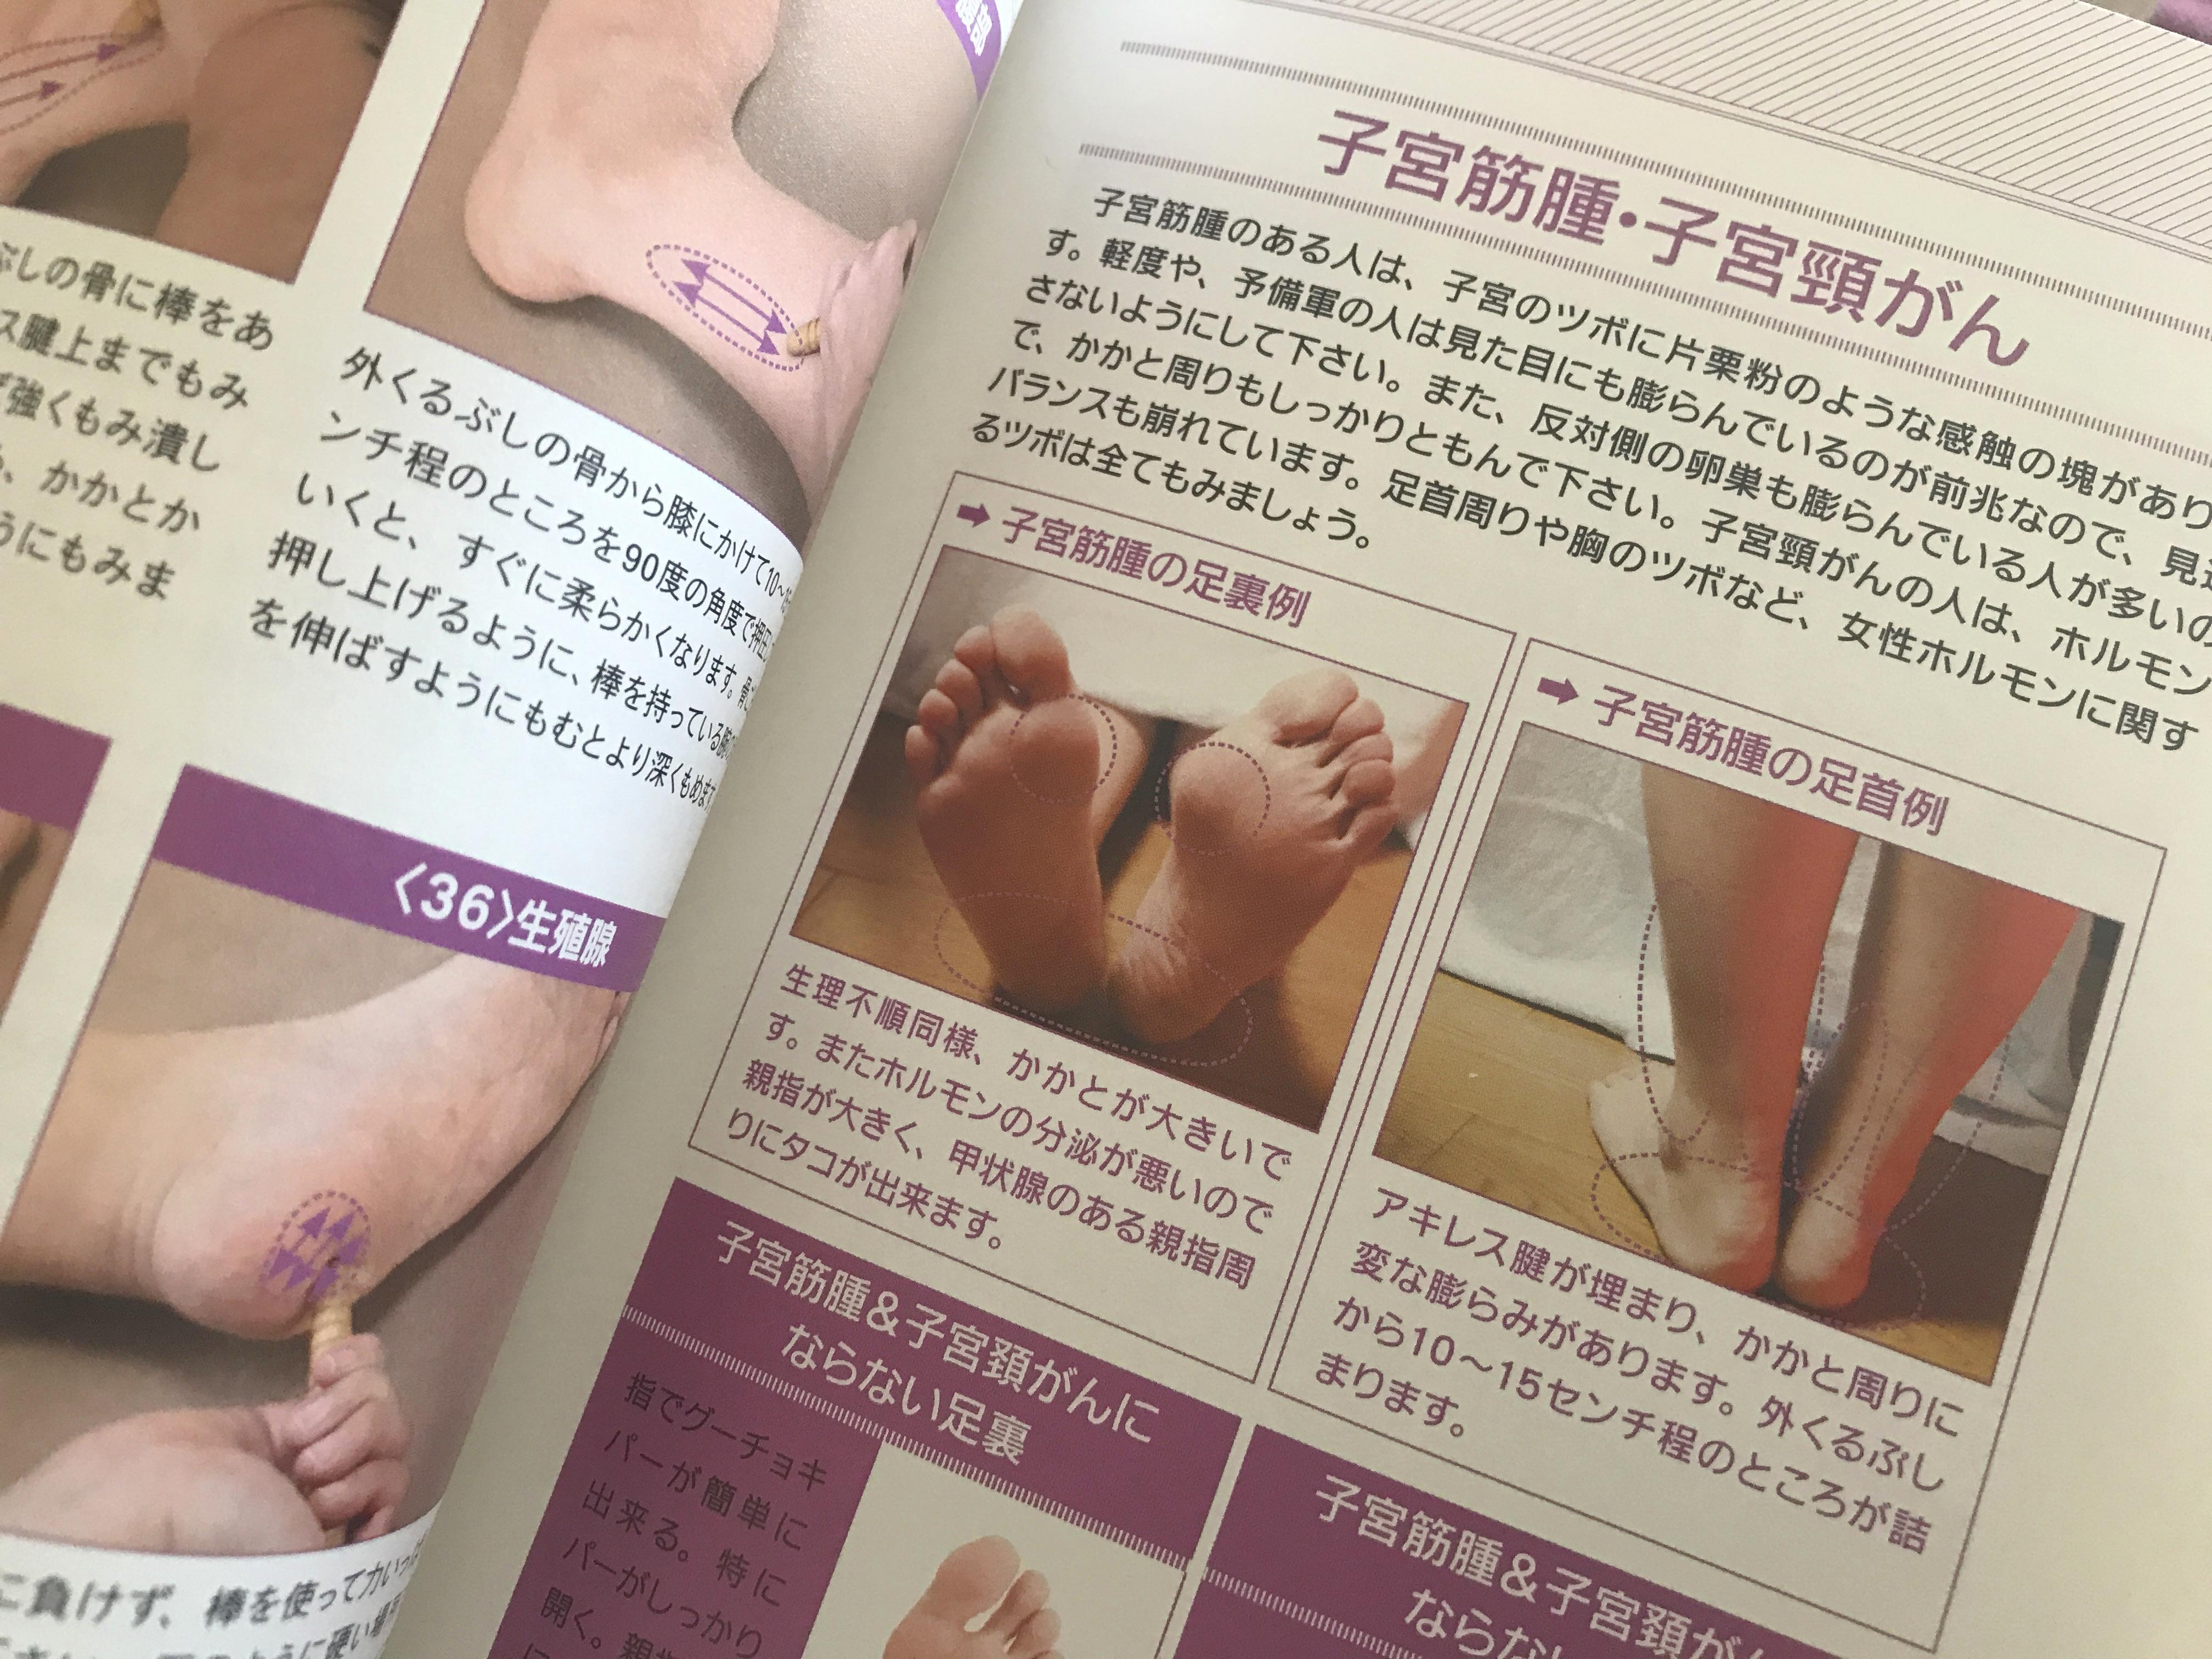 子宮筋腫の人の足裏